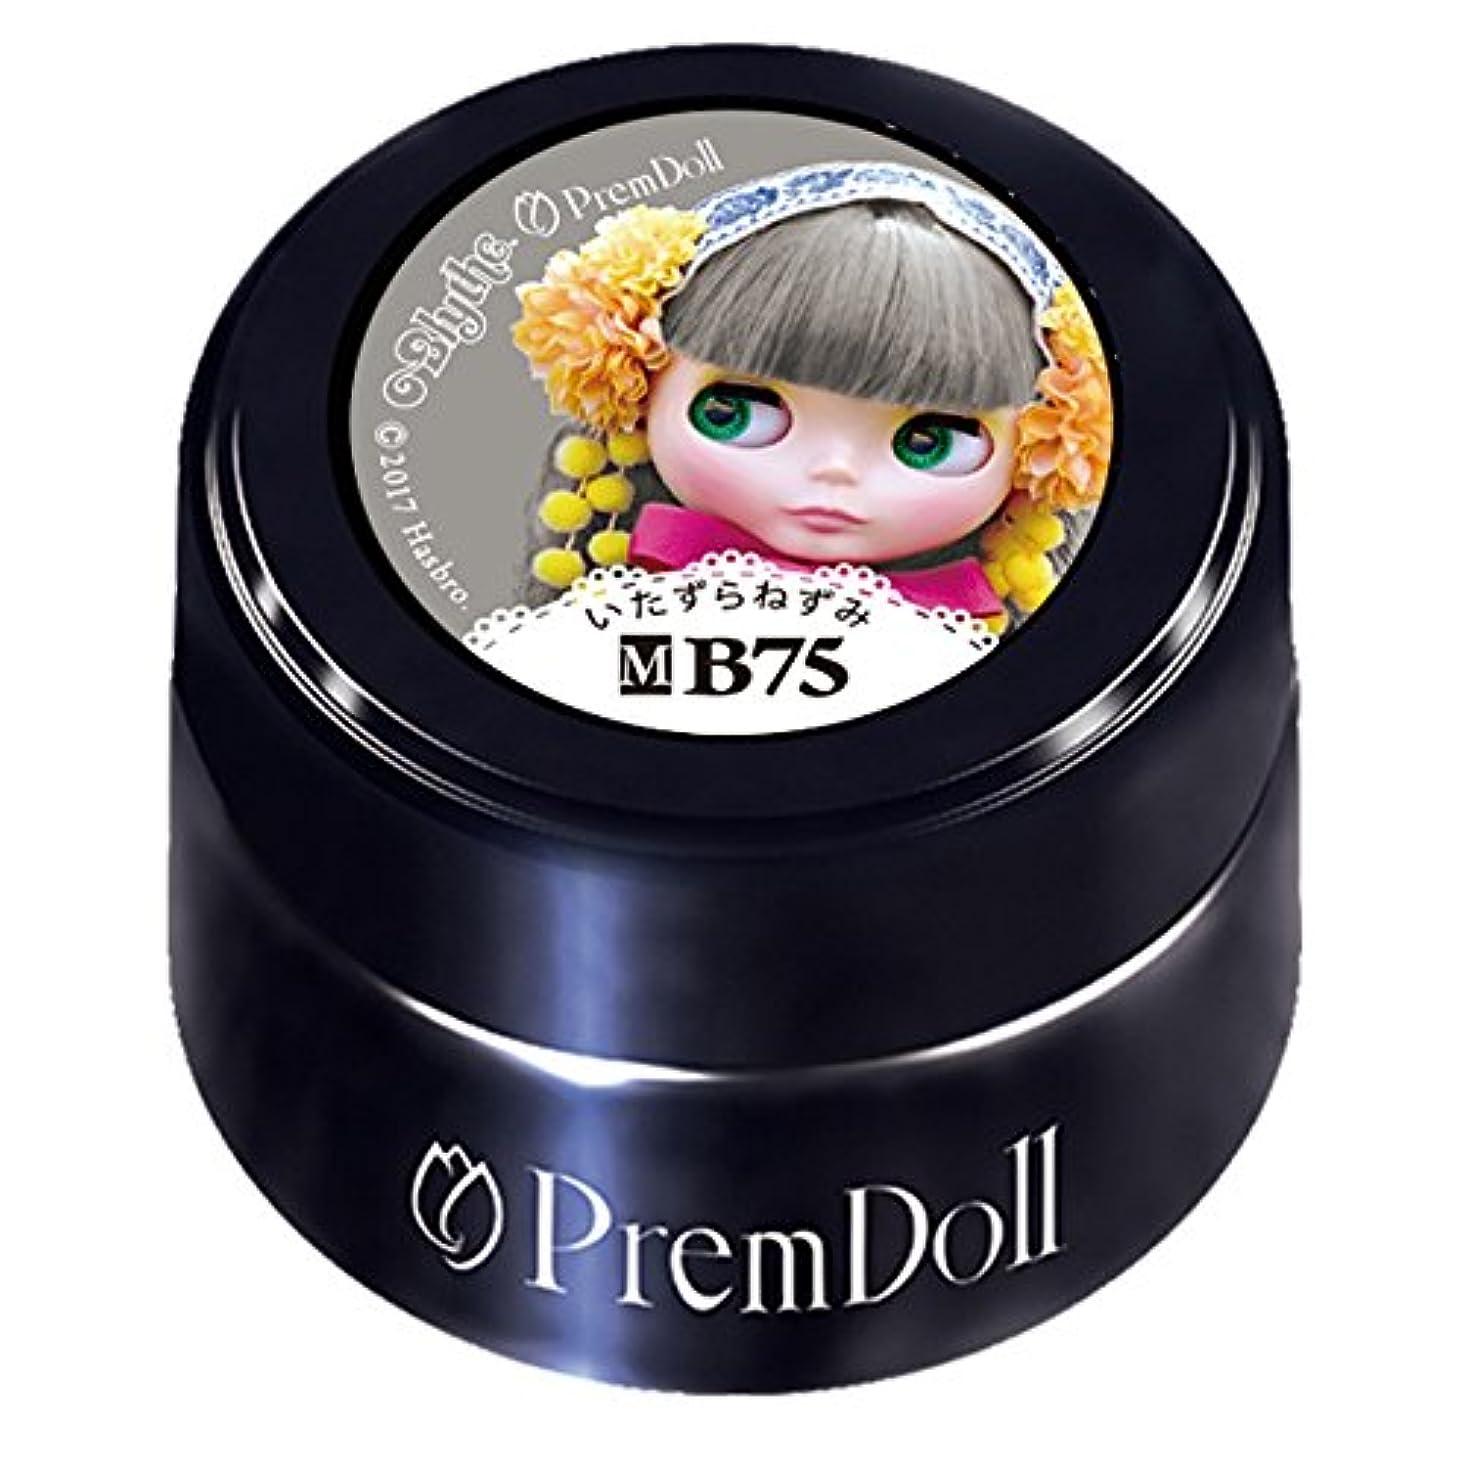 デコレーション見通し公爵PRE GEL プリムドール いたずらねずみ DOLL-B75 3g UV/LED対応 カラージェル